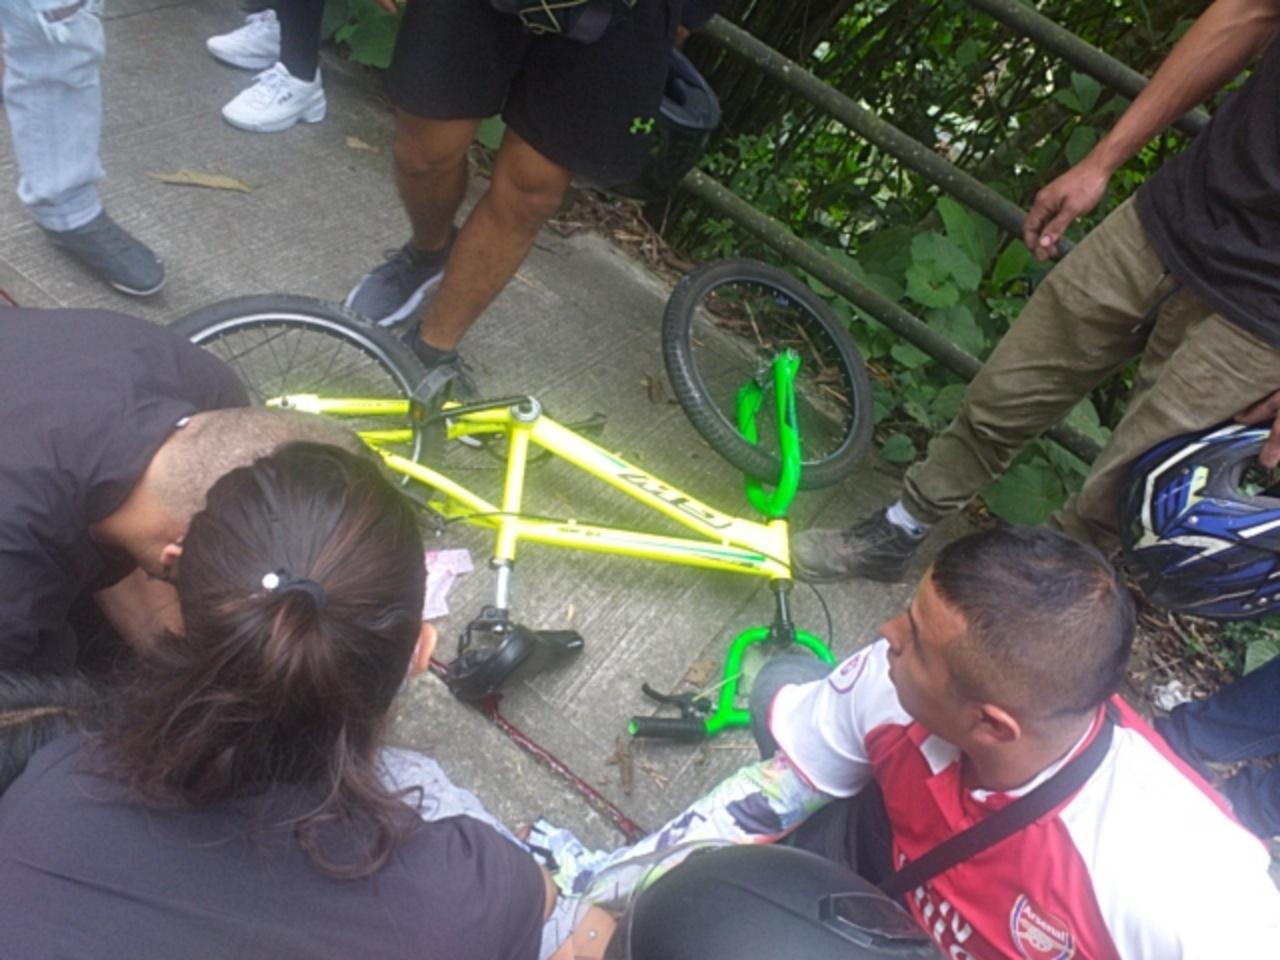 Un menor muerto y otro herido deja accidente en bicicleta 2